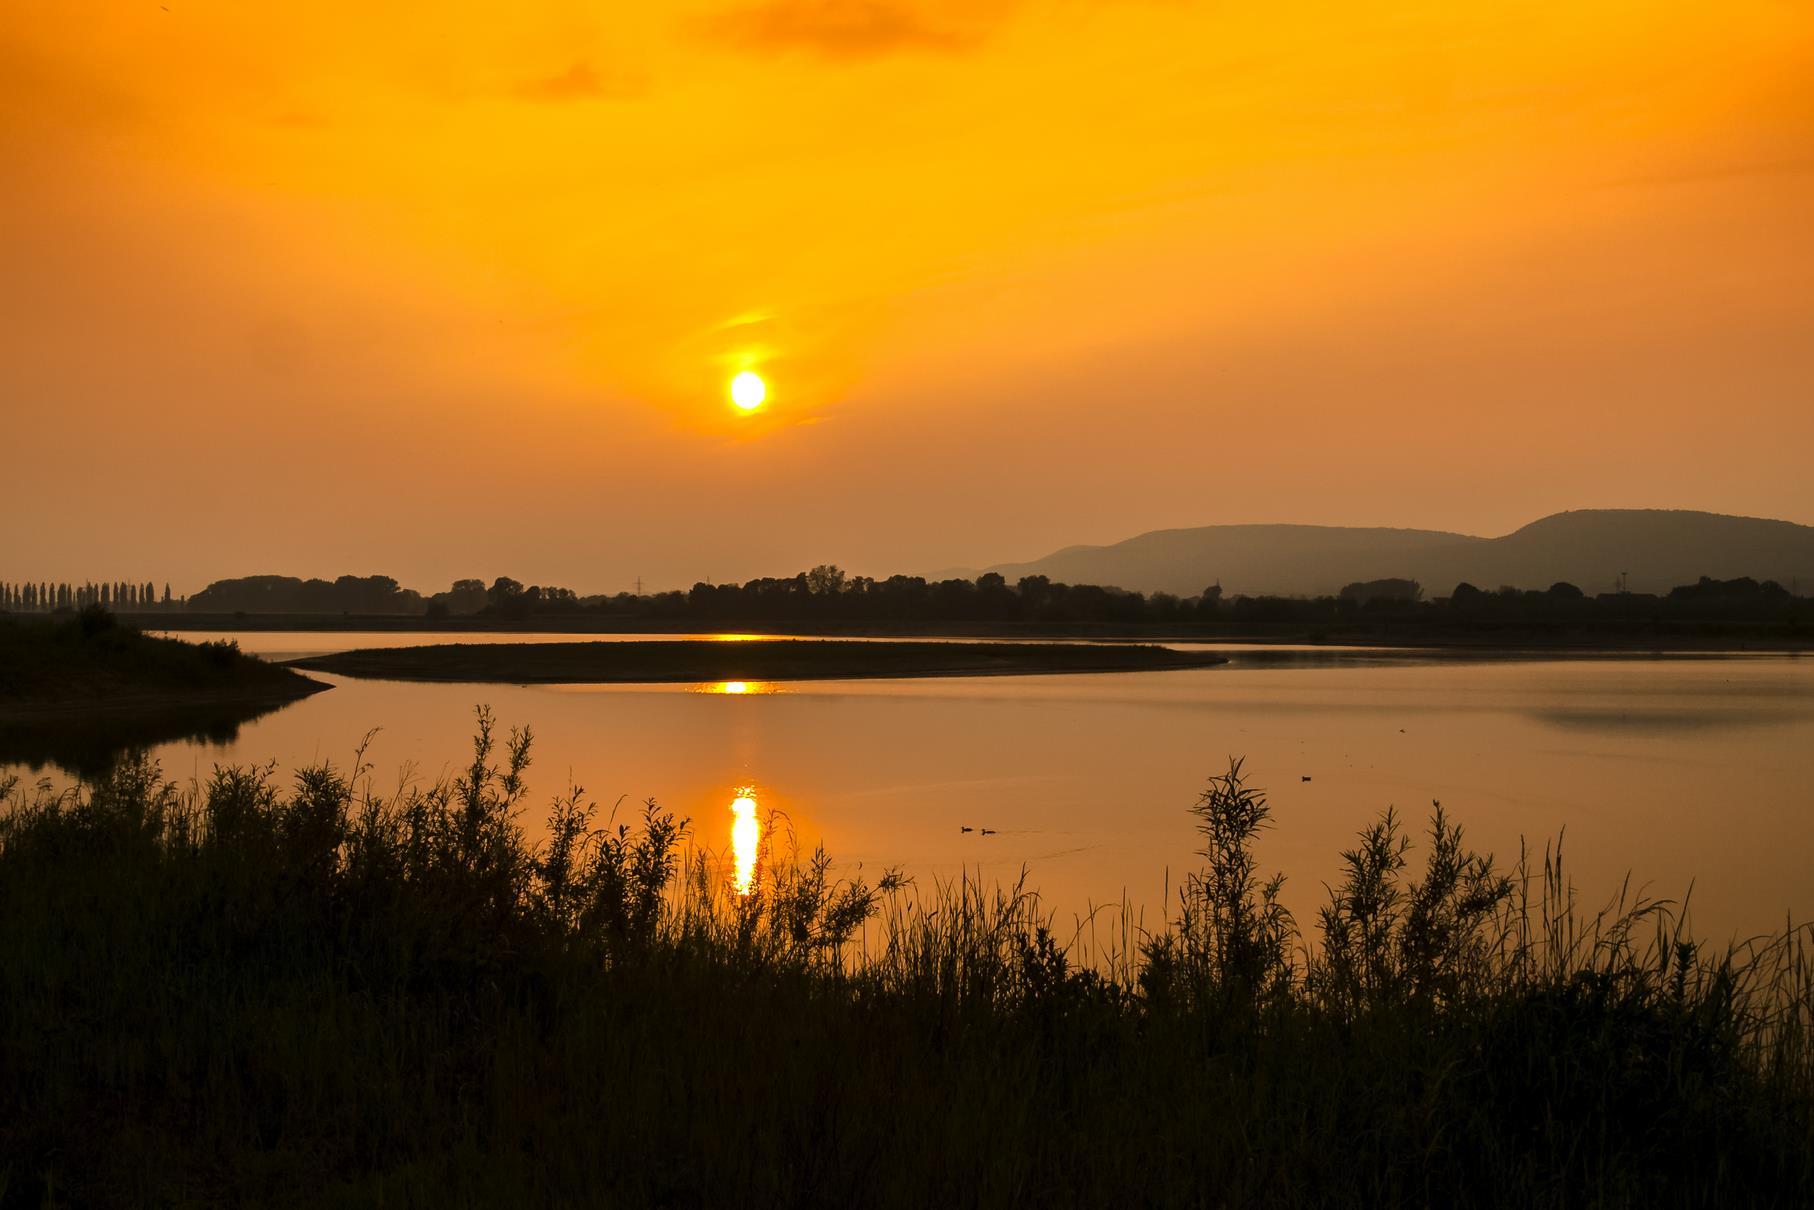 Sonnenuntergang in der Auenlandschaft.